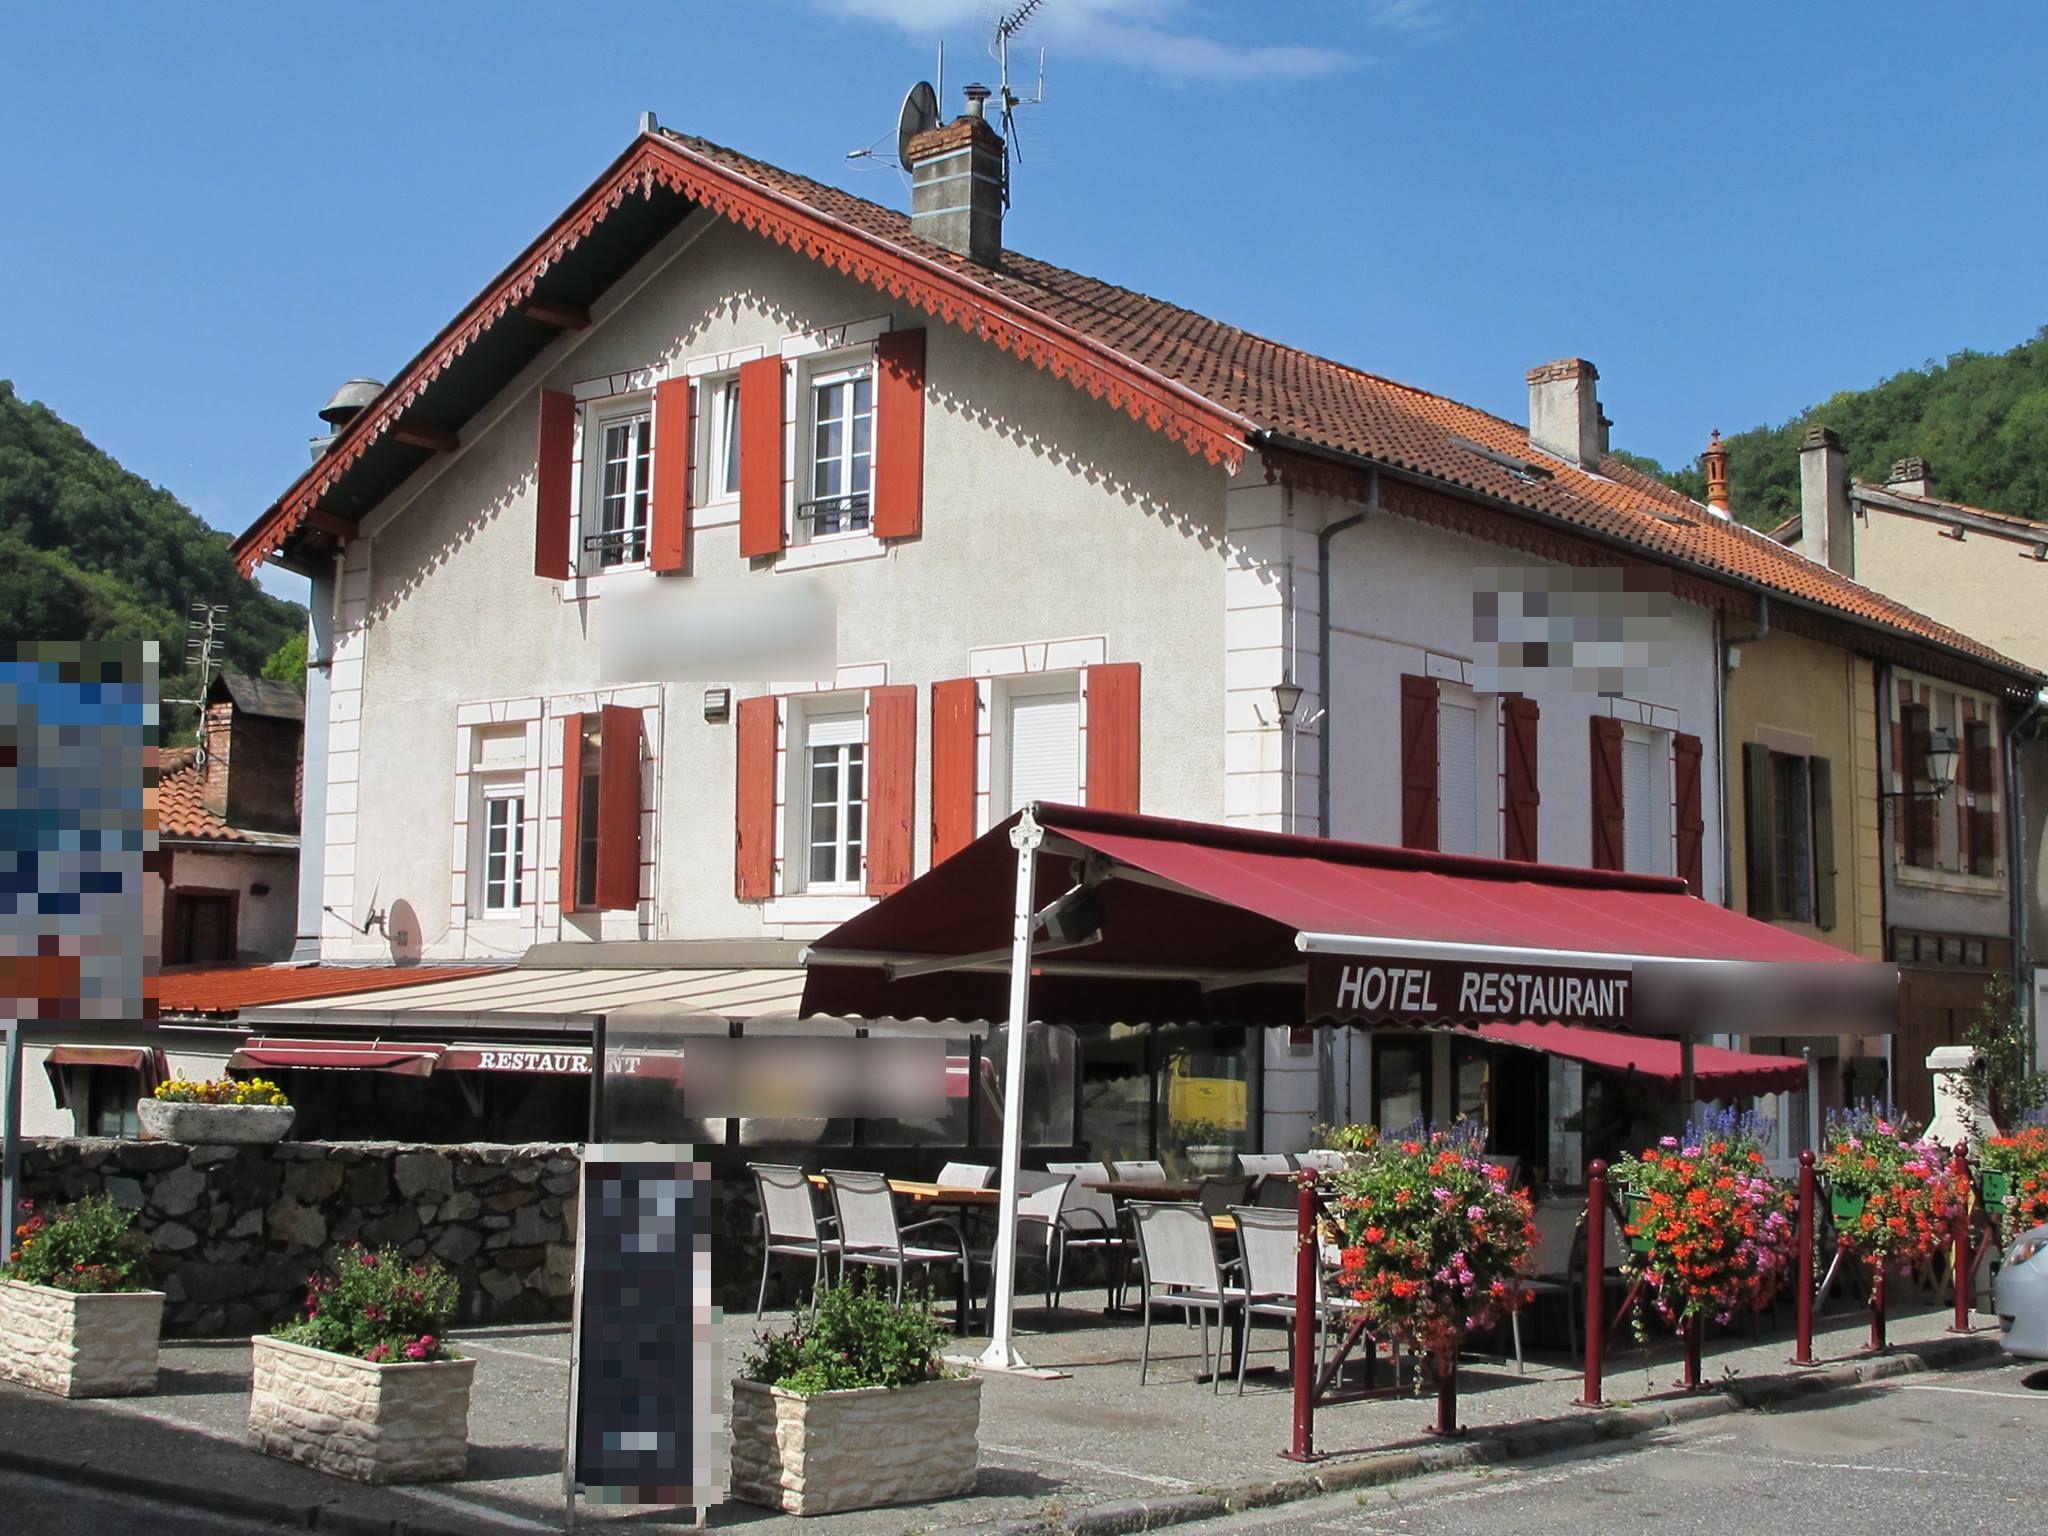 Vente Bar, Hôtel restaurant de 4 chambres avec parking et terrasse à Mauléon-Barousse dans une zone touristique, montagne (65370)